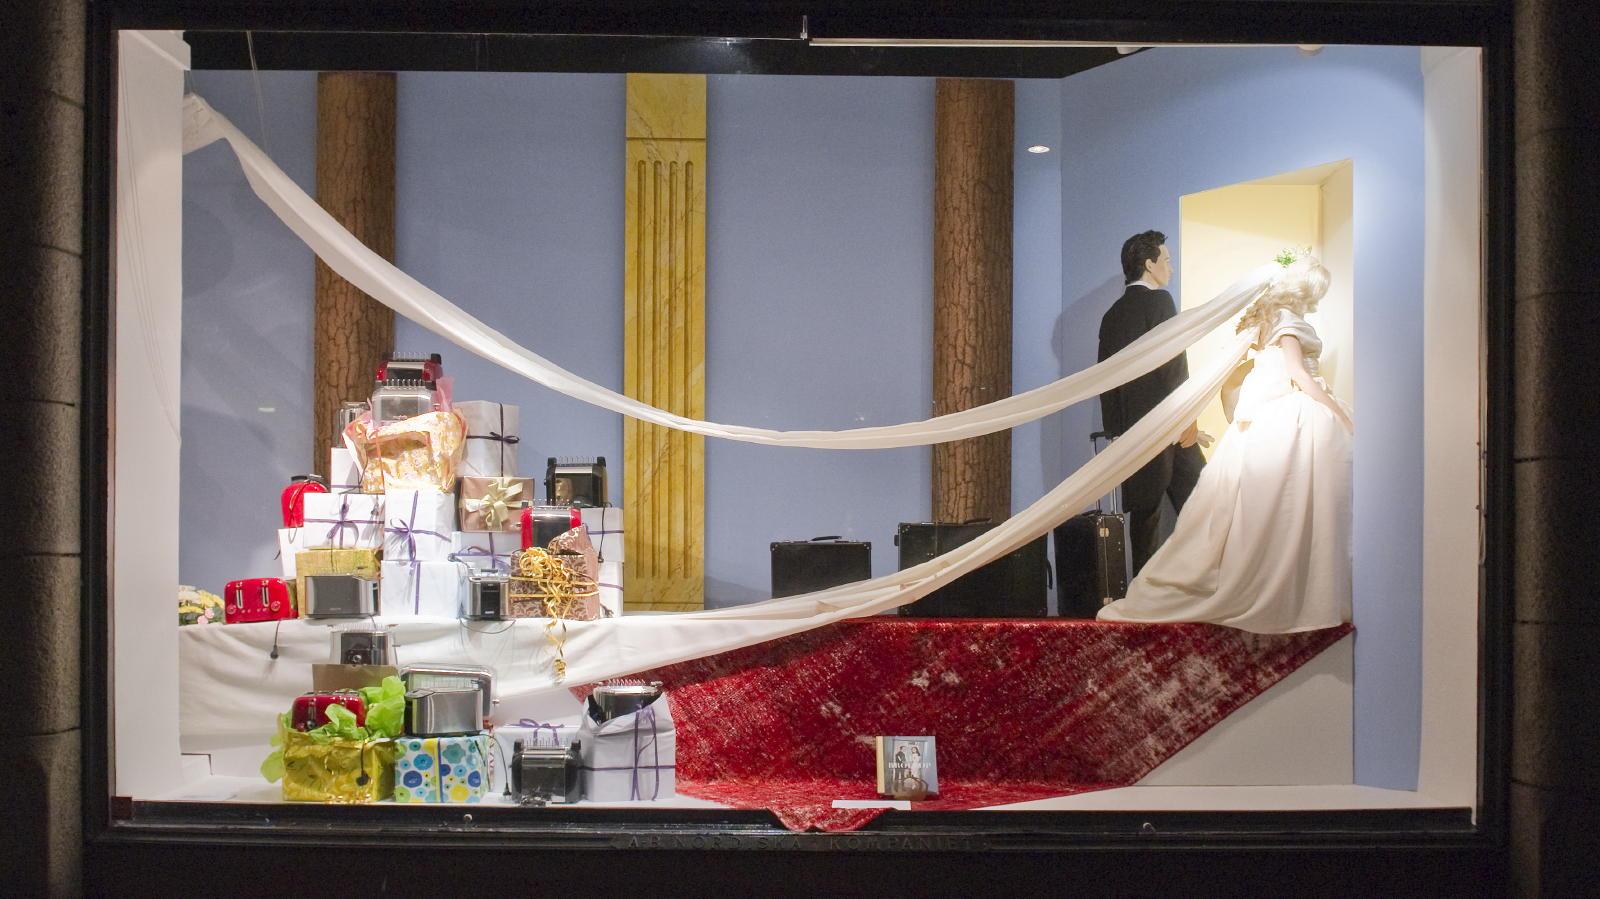 Schaufensterdekoration für Victoria und Daniel bei NK in Stockholm